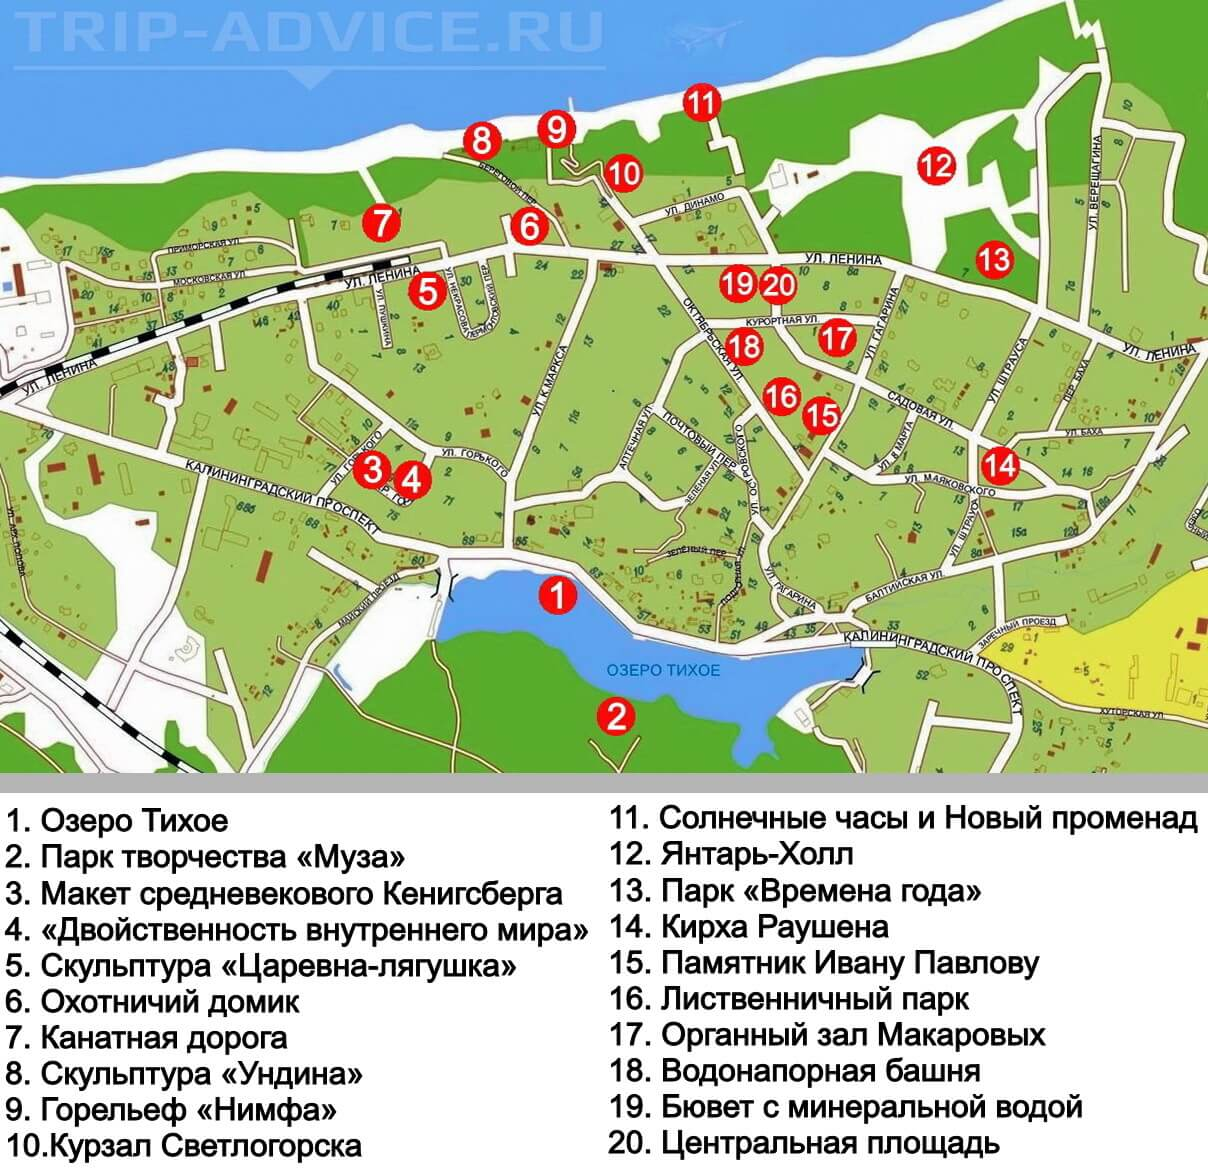 карта светлогорска с достопримечательностями